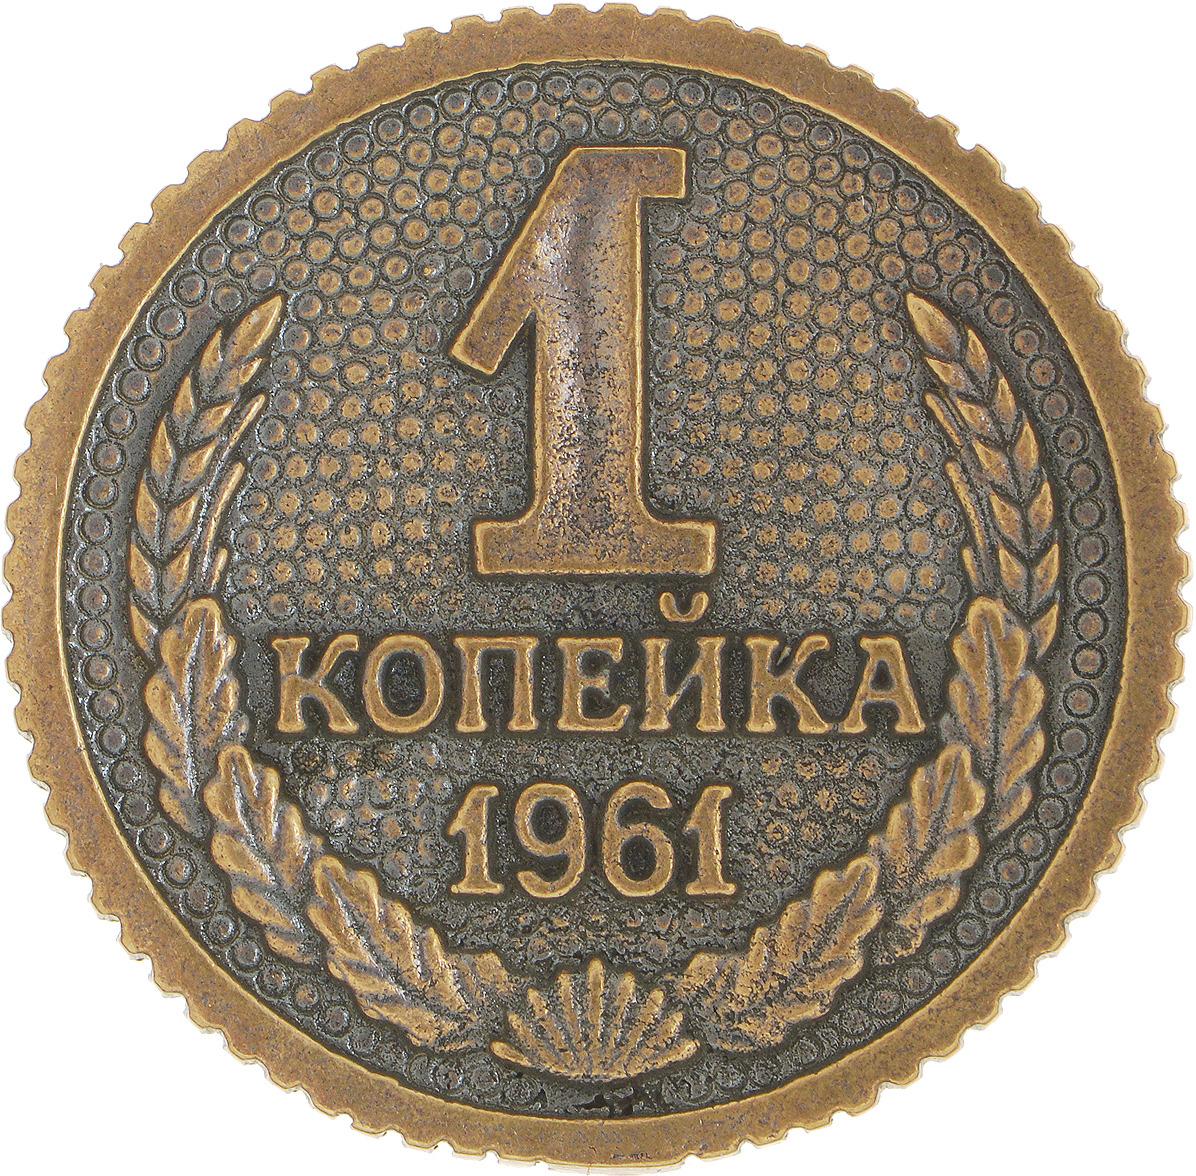 Денежный сувенир Miland Монета Копейка рубль бережет, Т-3703, золотой